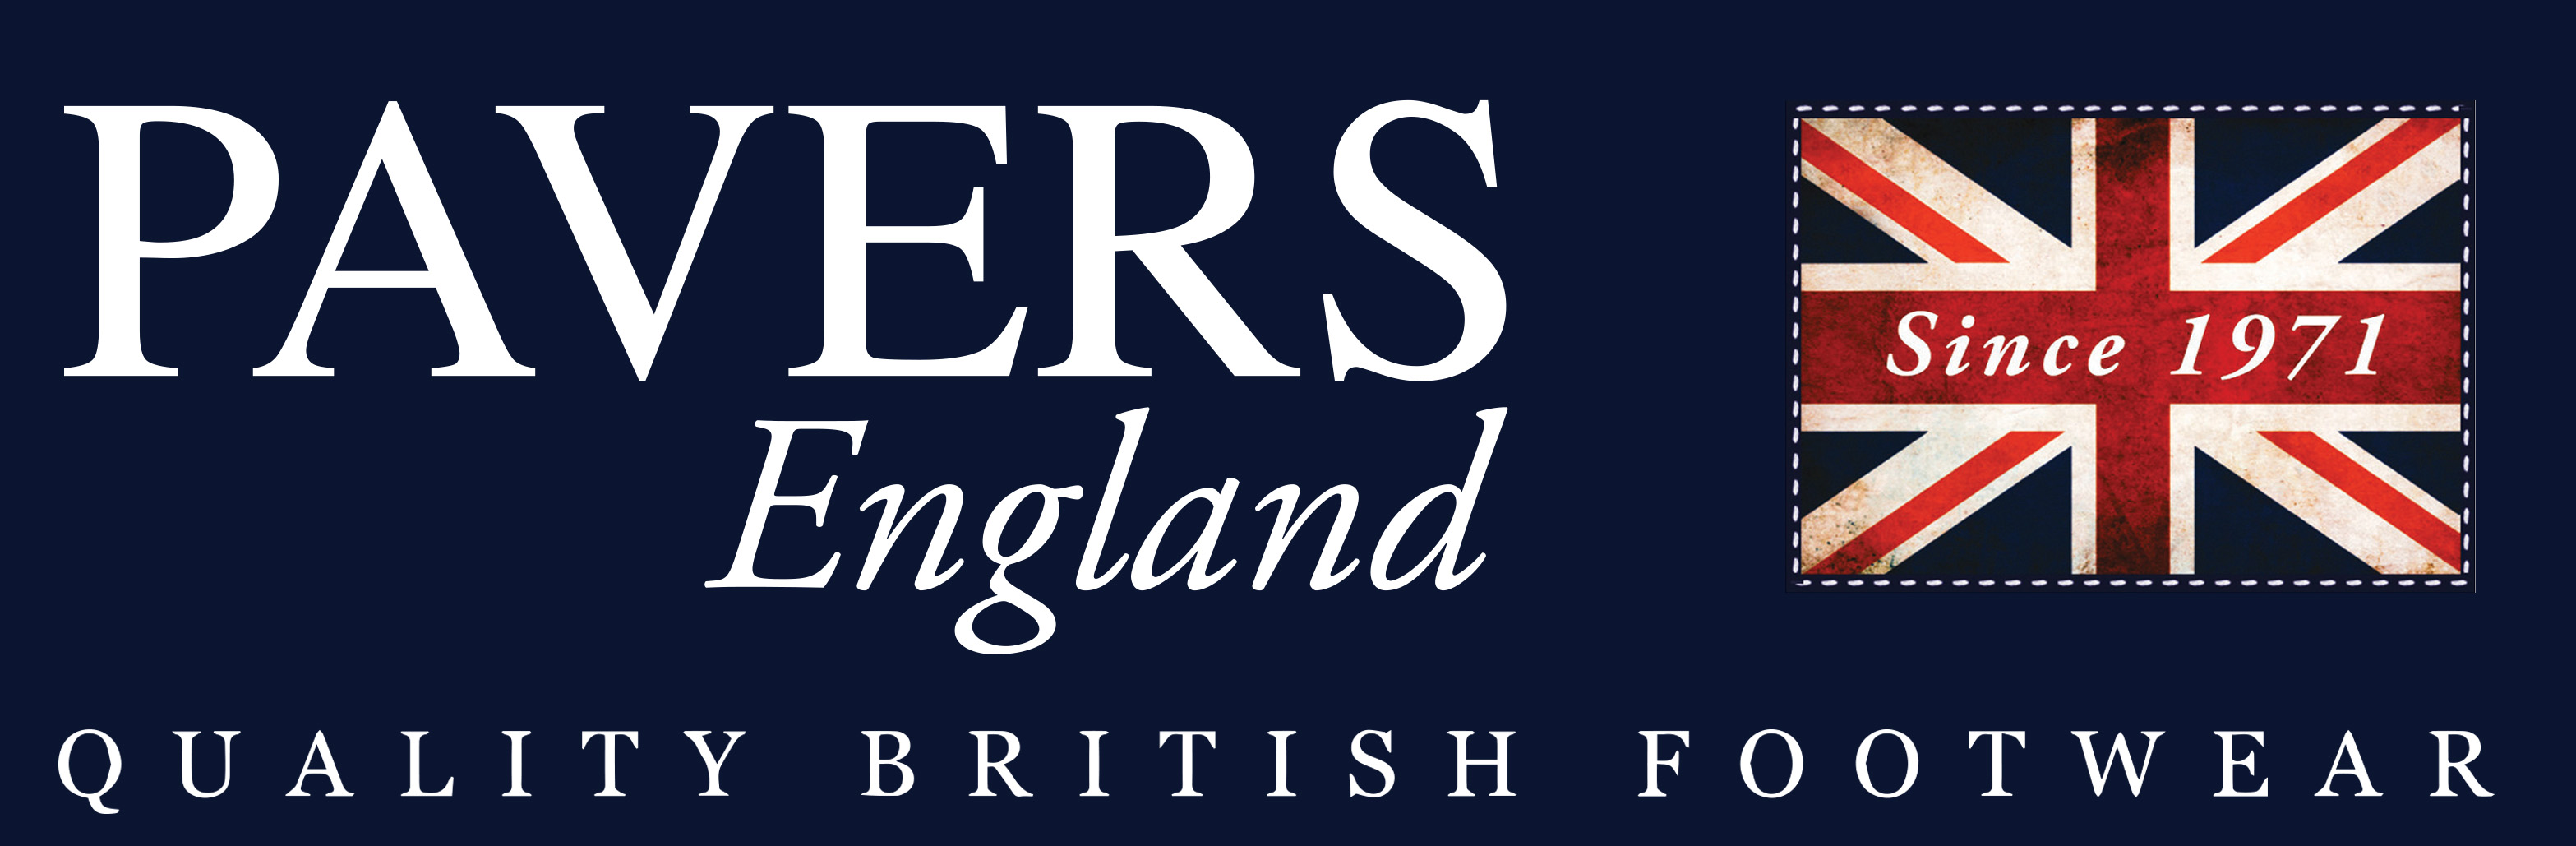 Pavers England Image